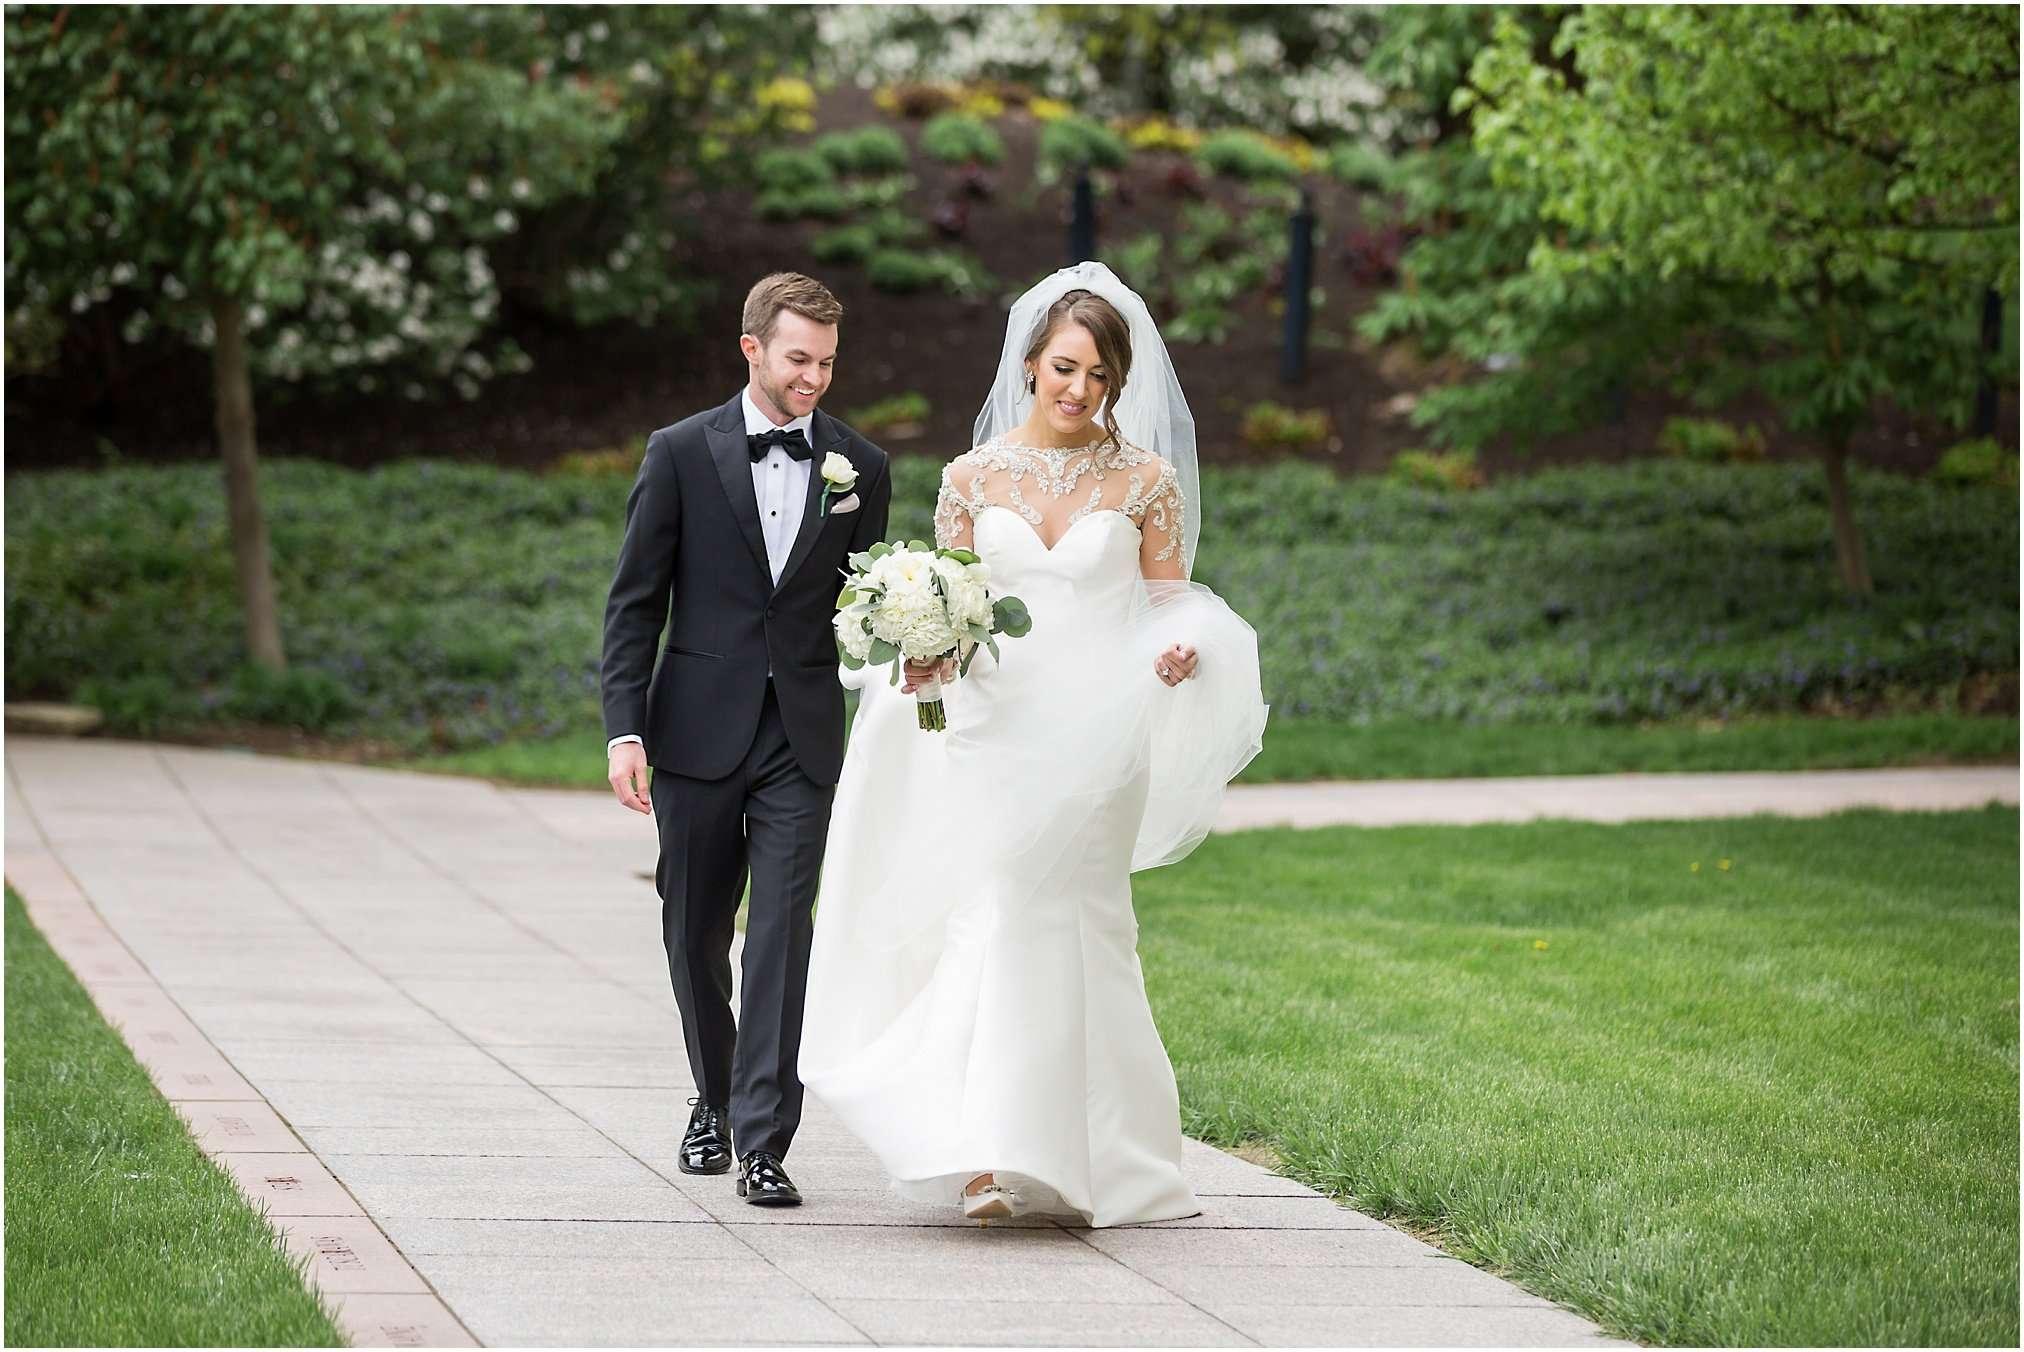 Spring Wedding at the Ohio Statehouse | Columbus Ohio Photography 42